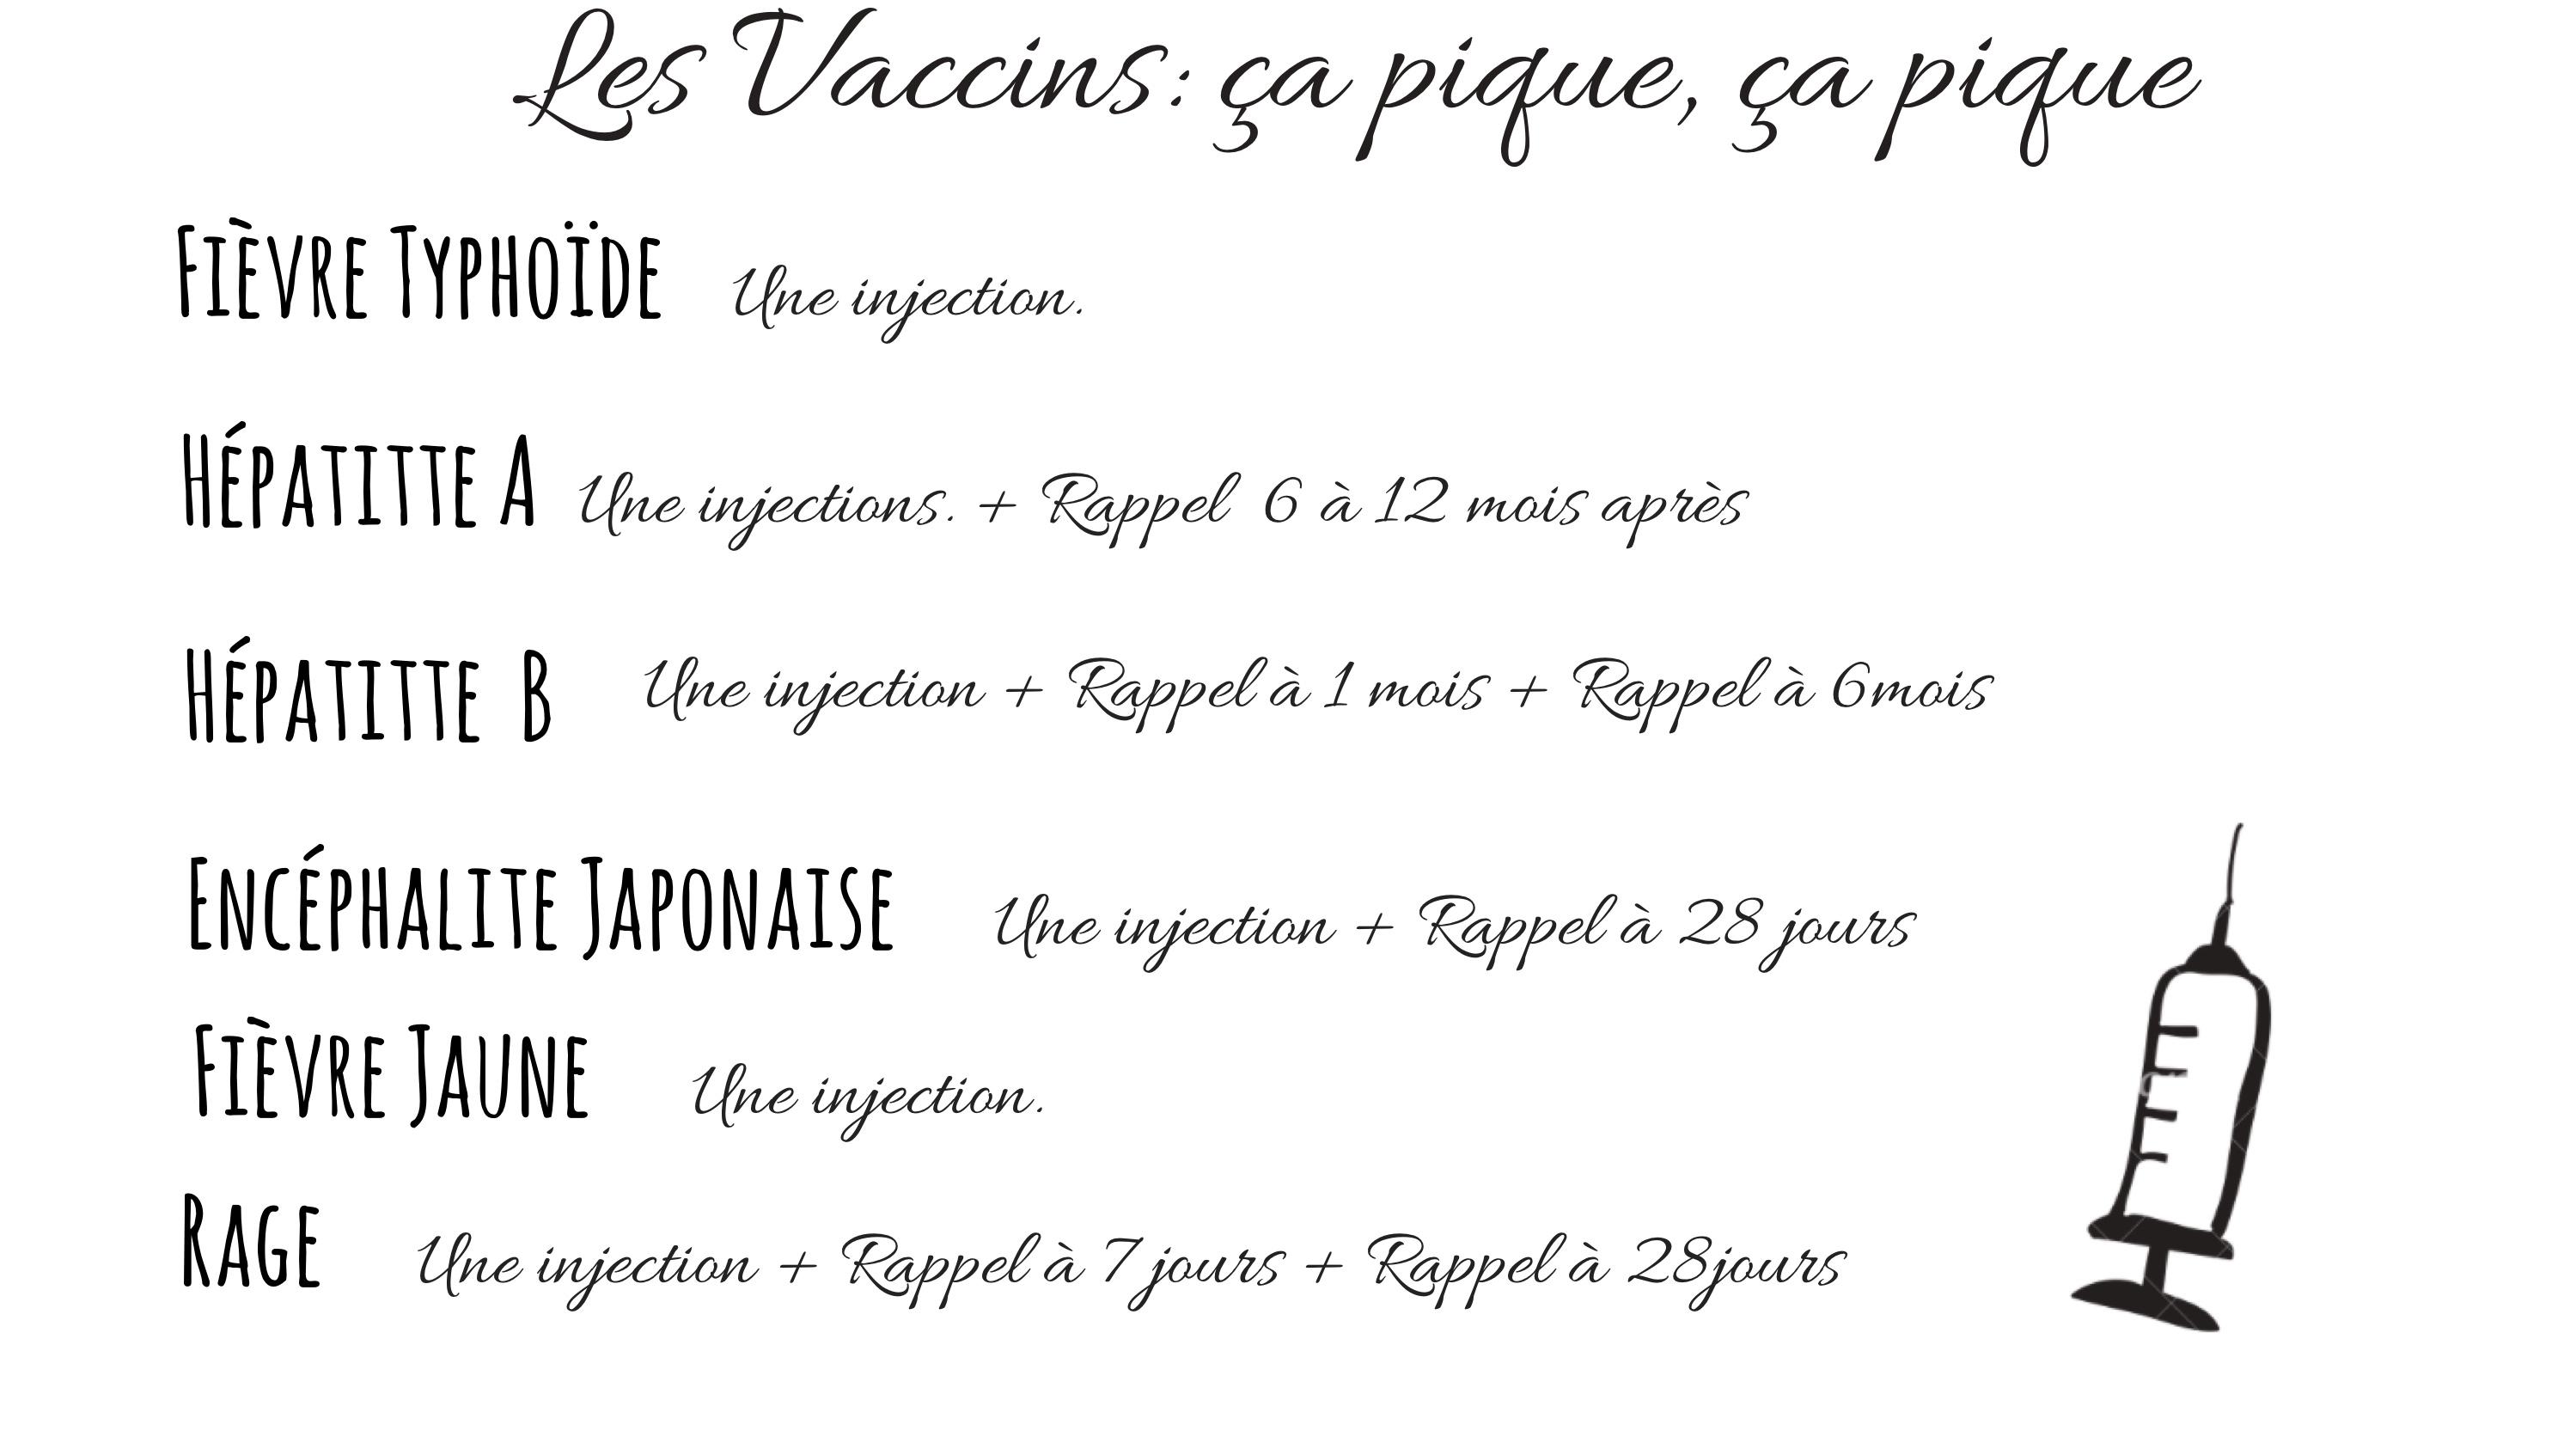 quels vaccins pour voyager